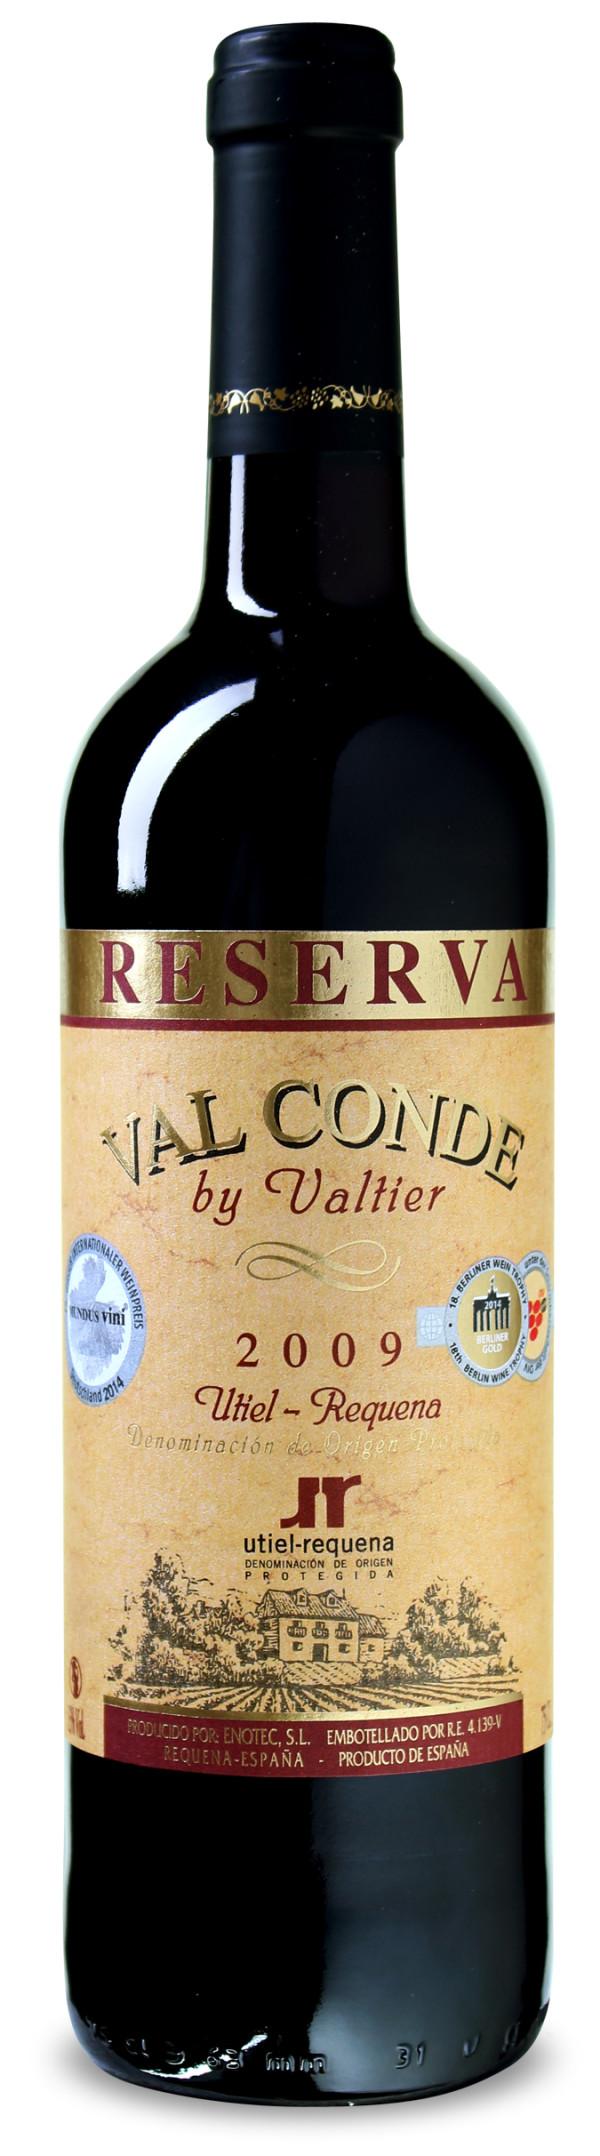 Gold-pämiert: Val Conde by Valtier – Utiel-Requena DO Reserva 2010 nur 3,75 € statt 9,99 €